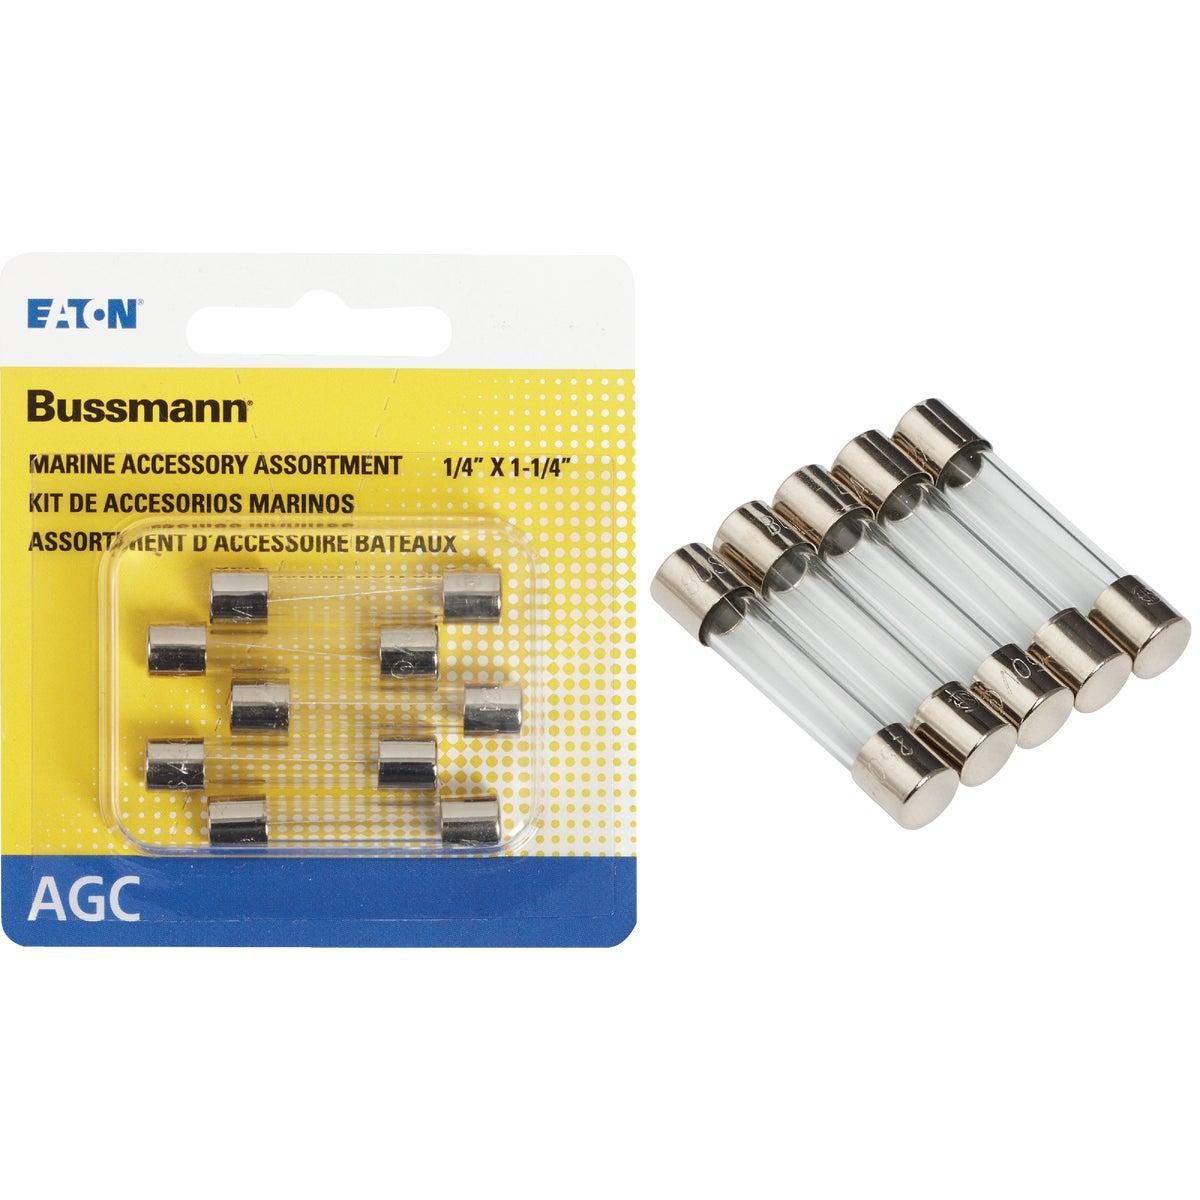 Bussmann AGC Electronic Fuse Kit